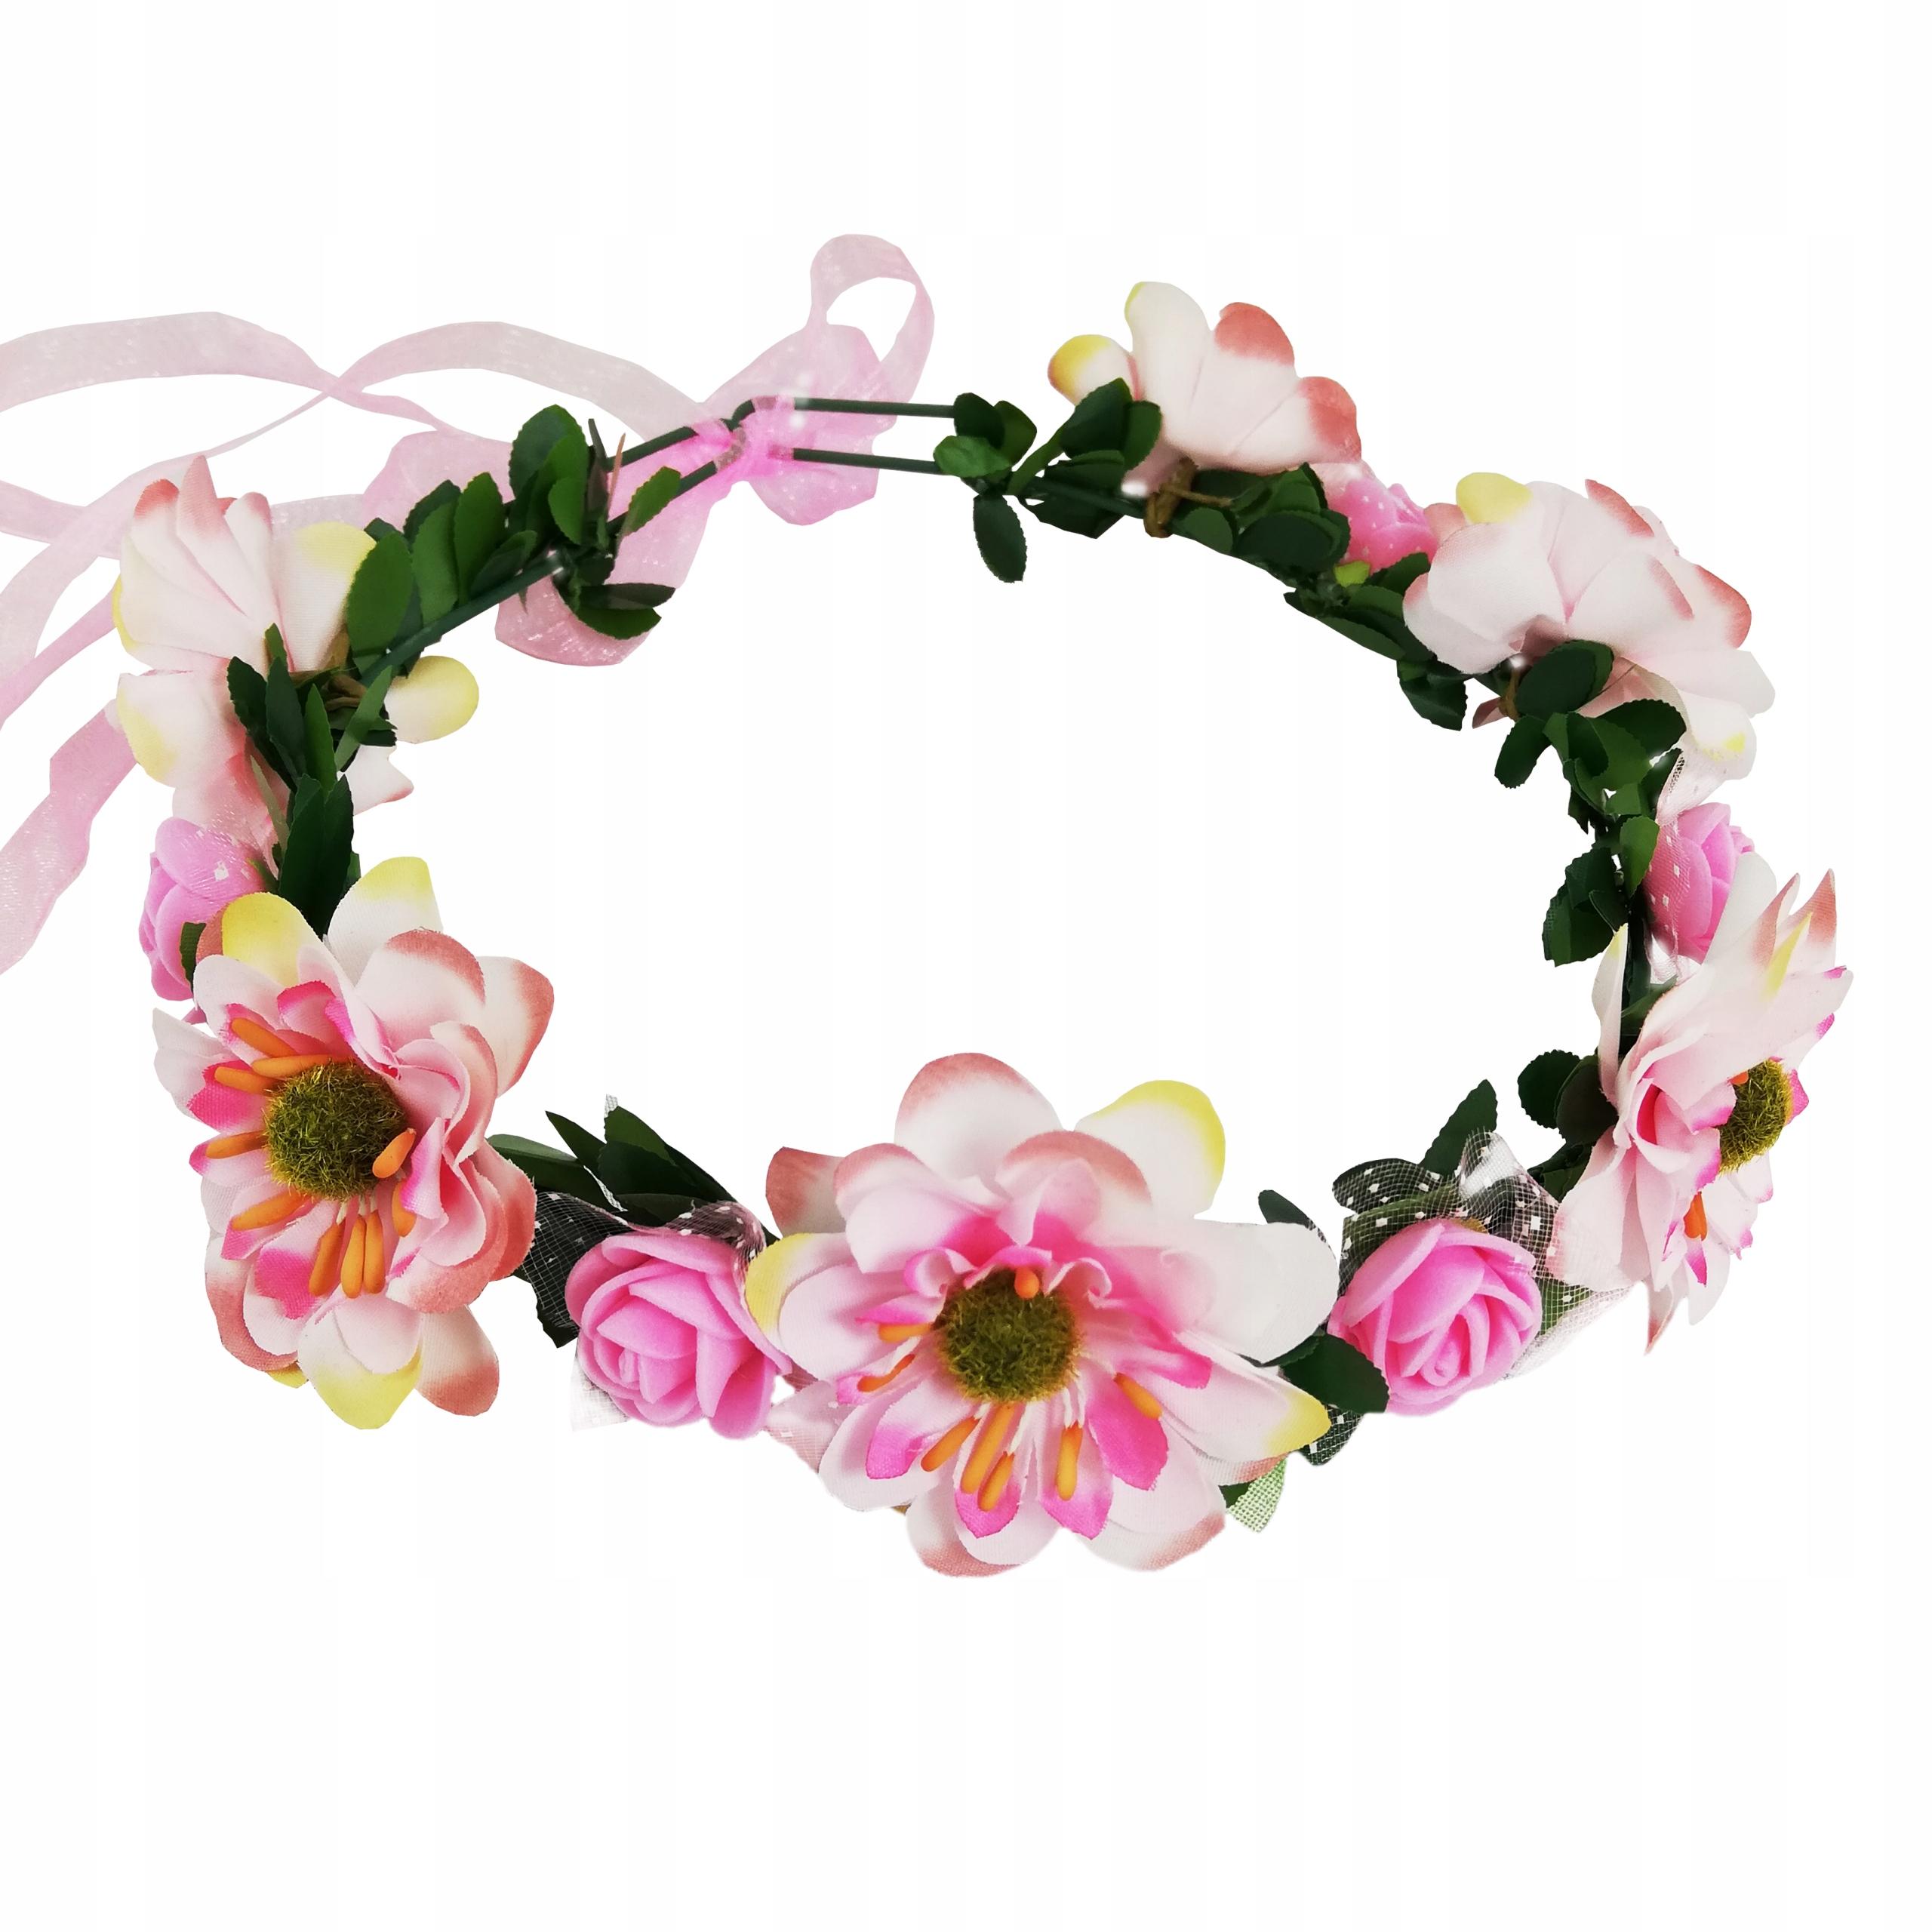 Wianek Opaska Kwiaty Wstazka Na Wieczor Panienski 9611844609 Allegro Pl